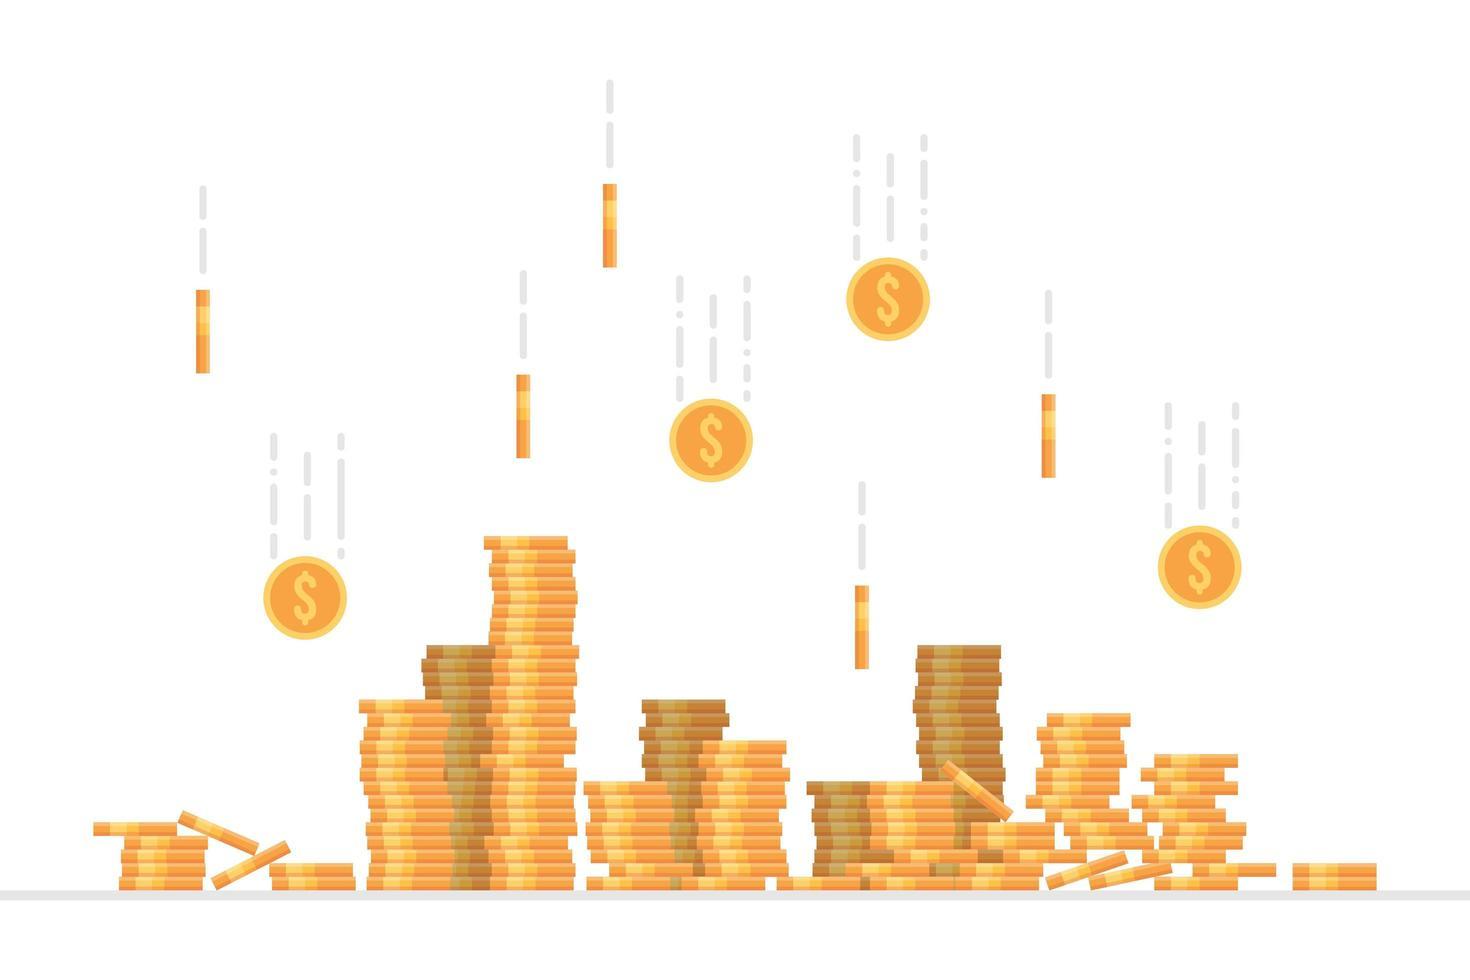 moedas de dólar caindo vetor